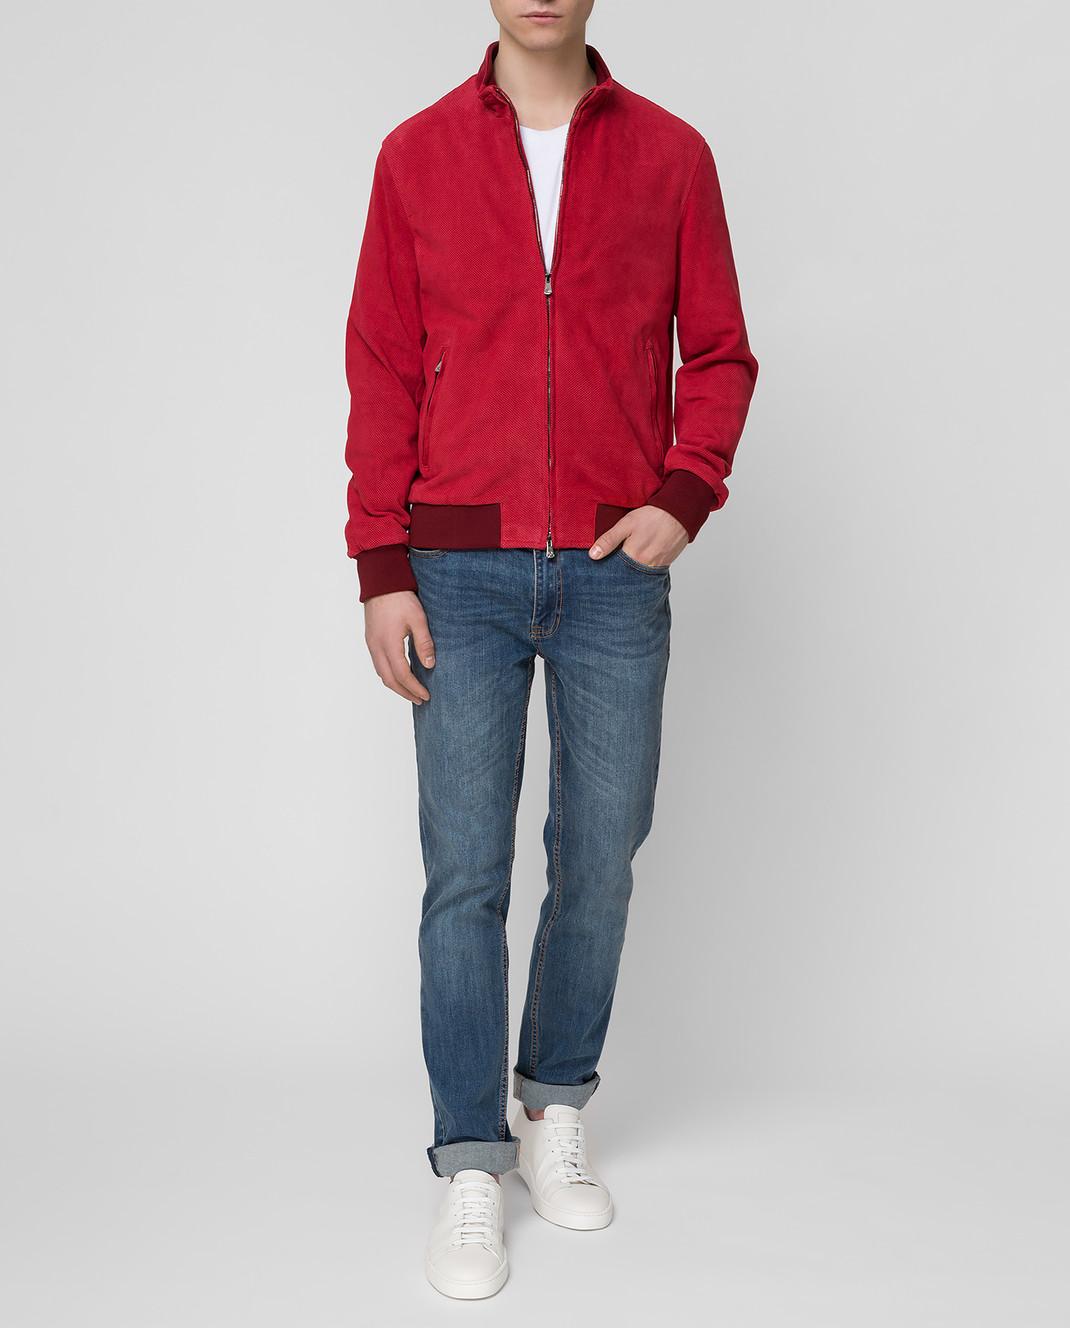 ISAIA Бордовая замшевая куртка LWT017PLW03 изображение 2